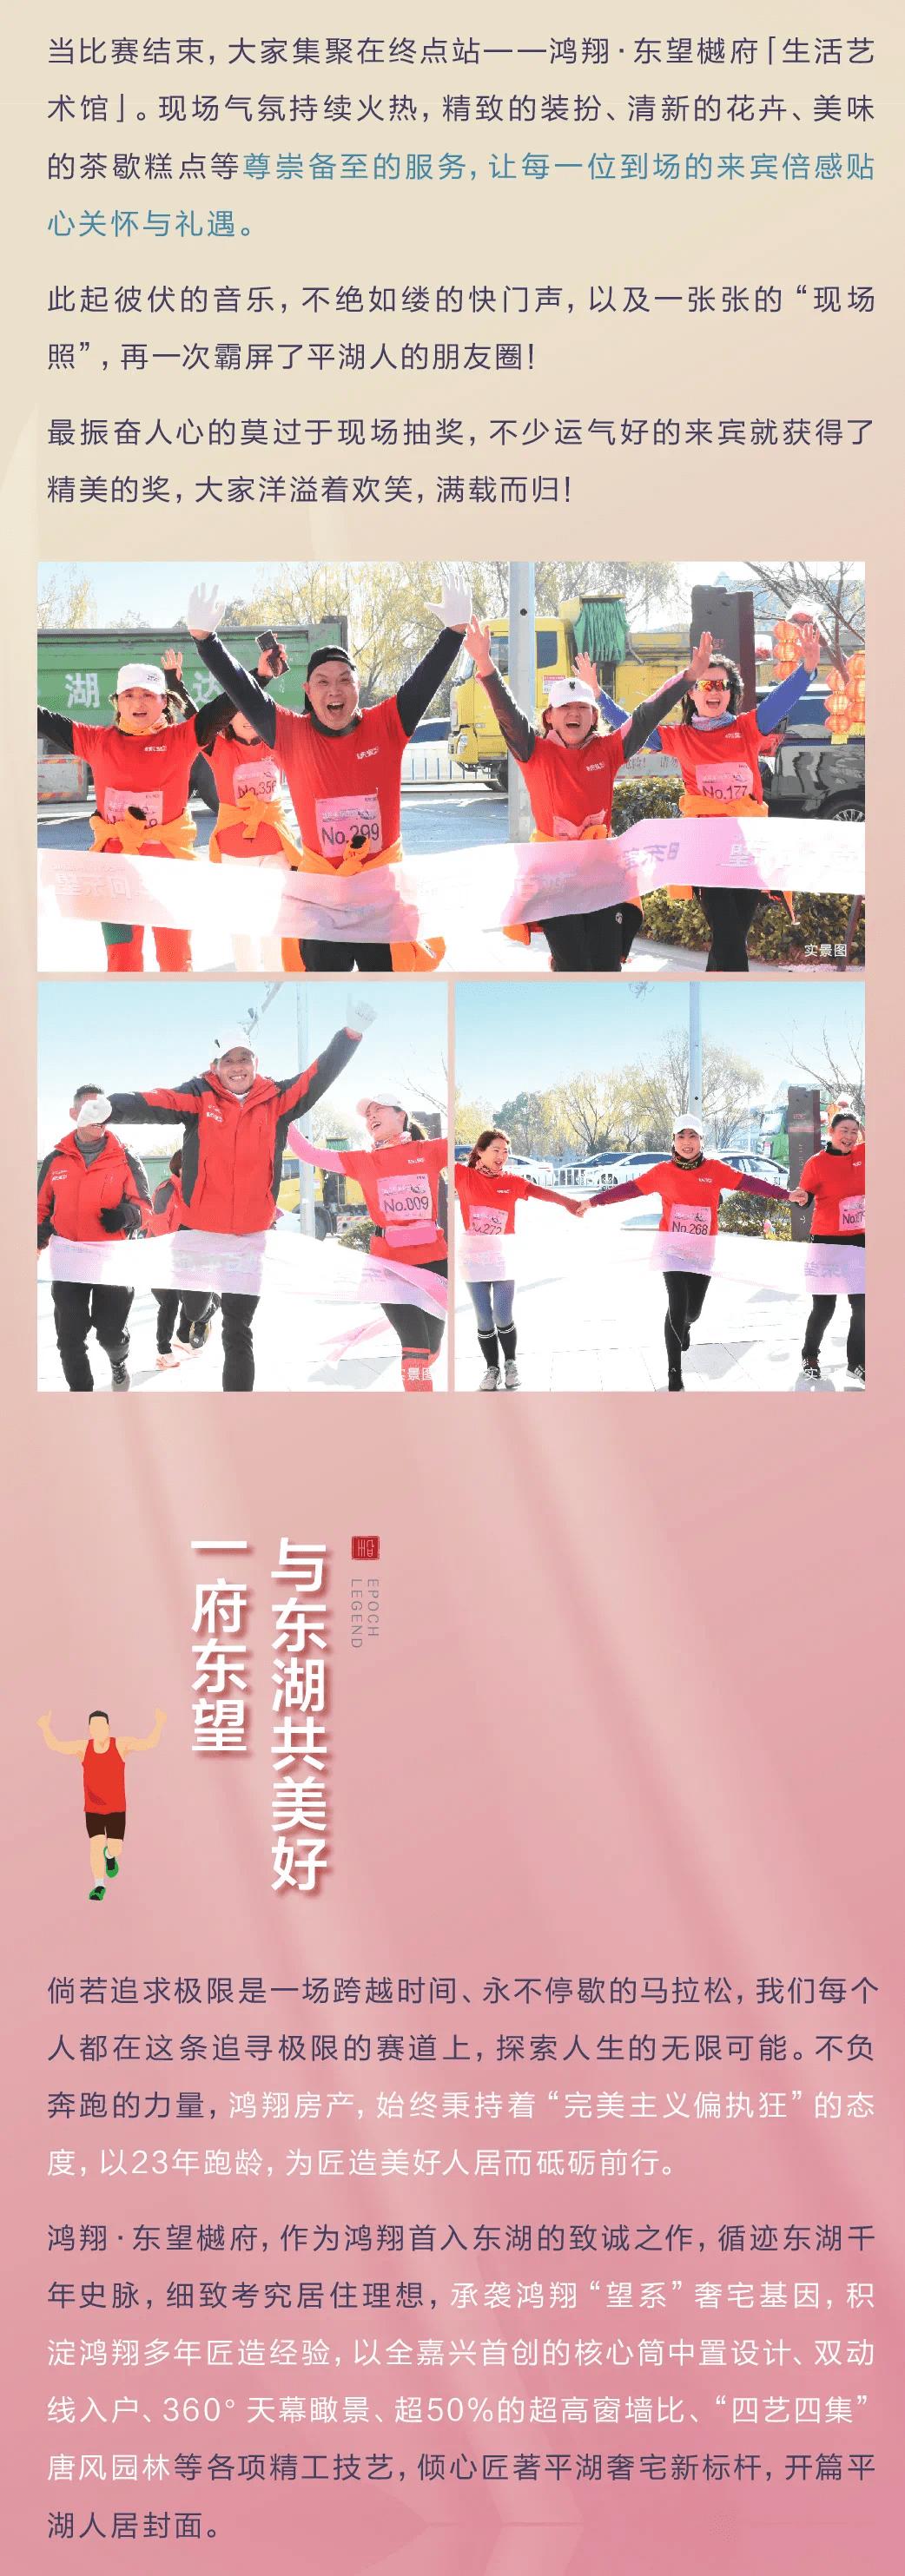 全城刷屏!2021【鸿翔东望樾府】环东湖欢乐迎新跑,圆满落幕